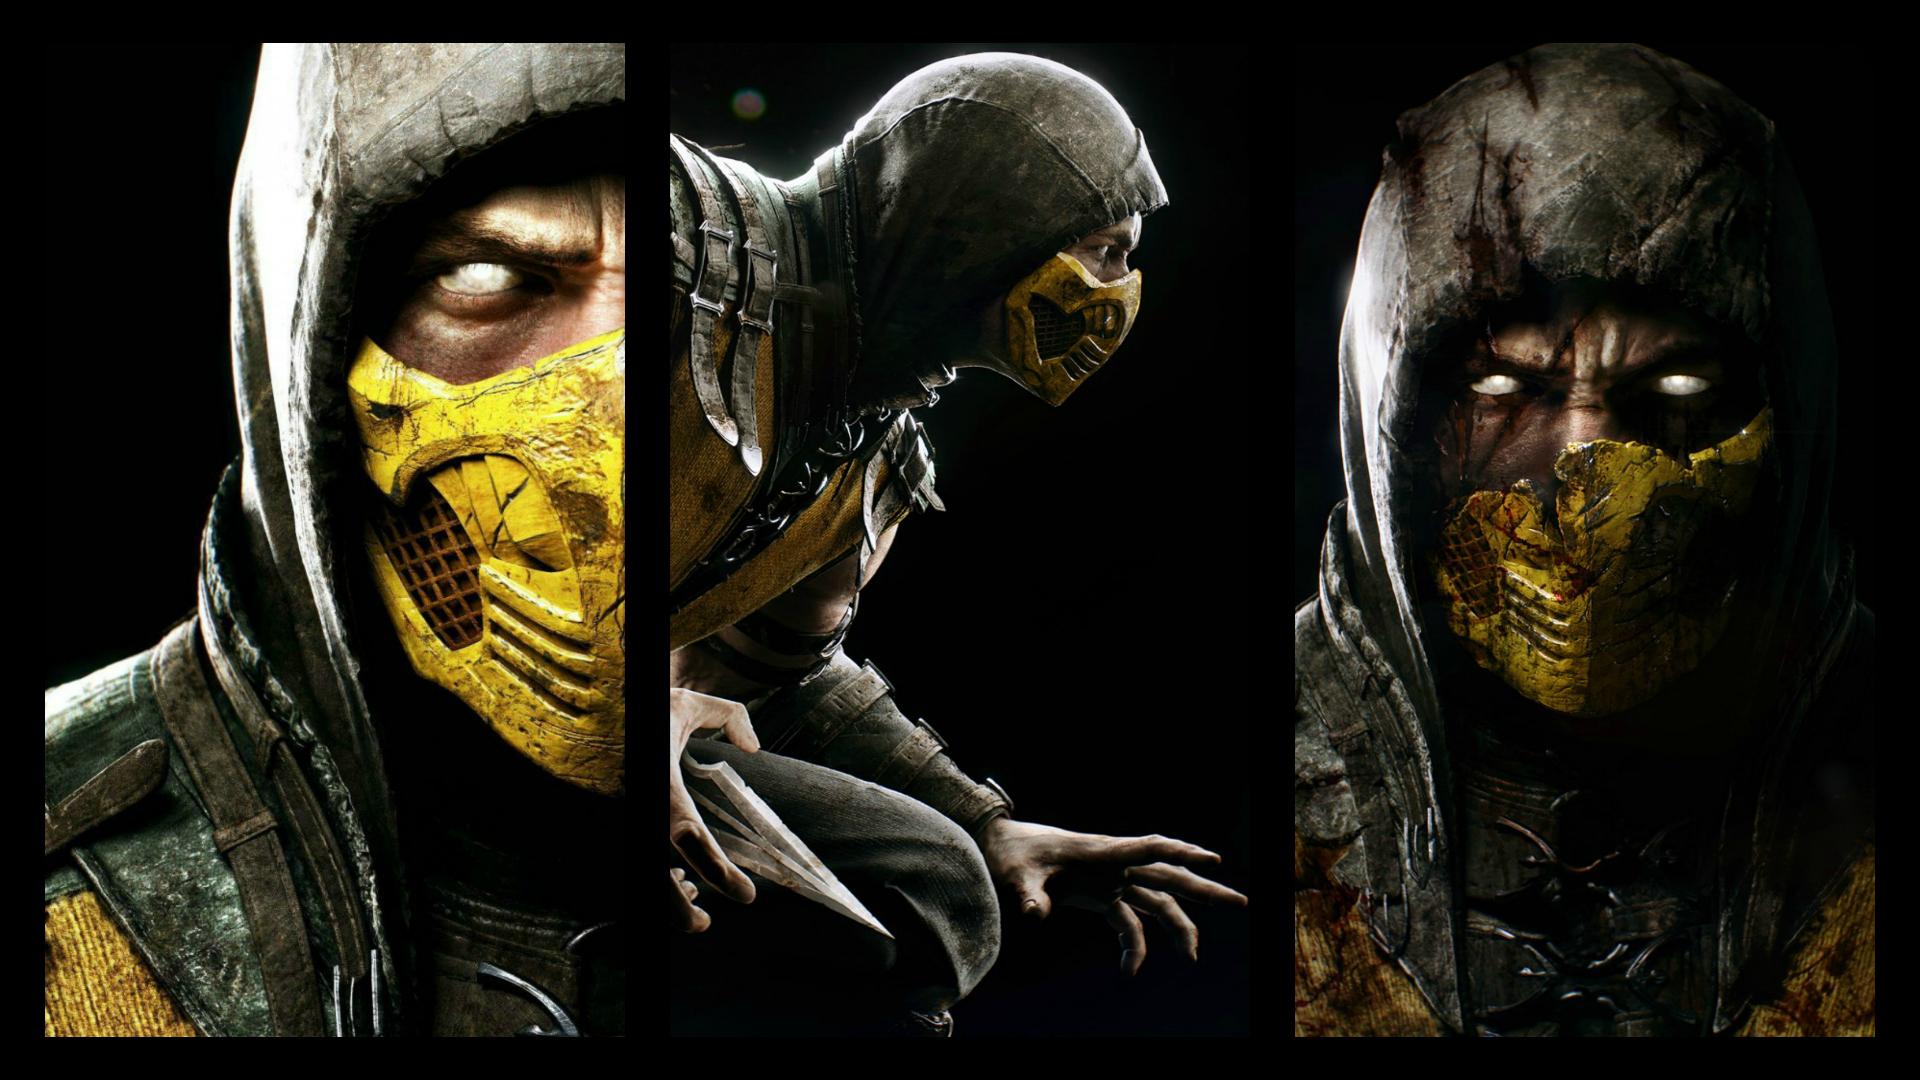 Mortal Kombat 4 Играть Онлайн Бесплатно На Двоих